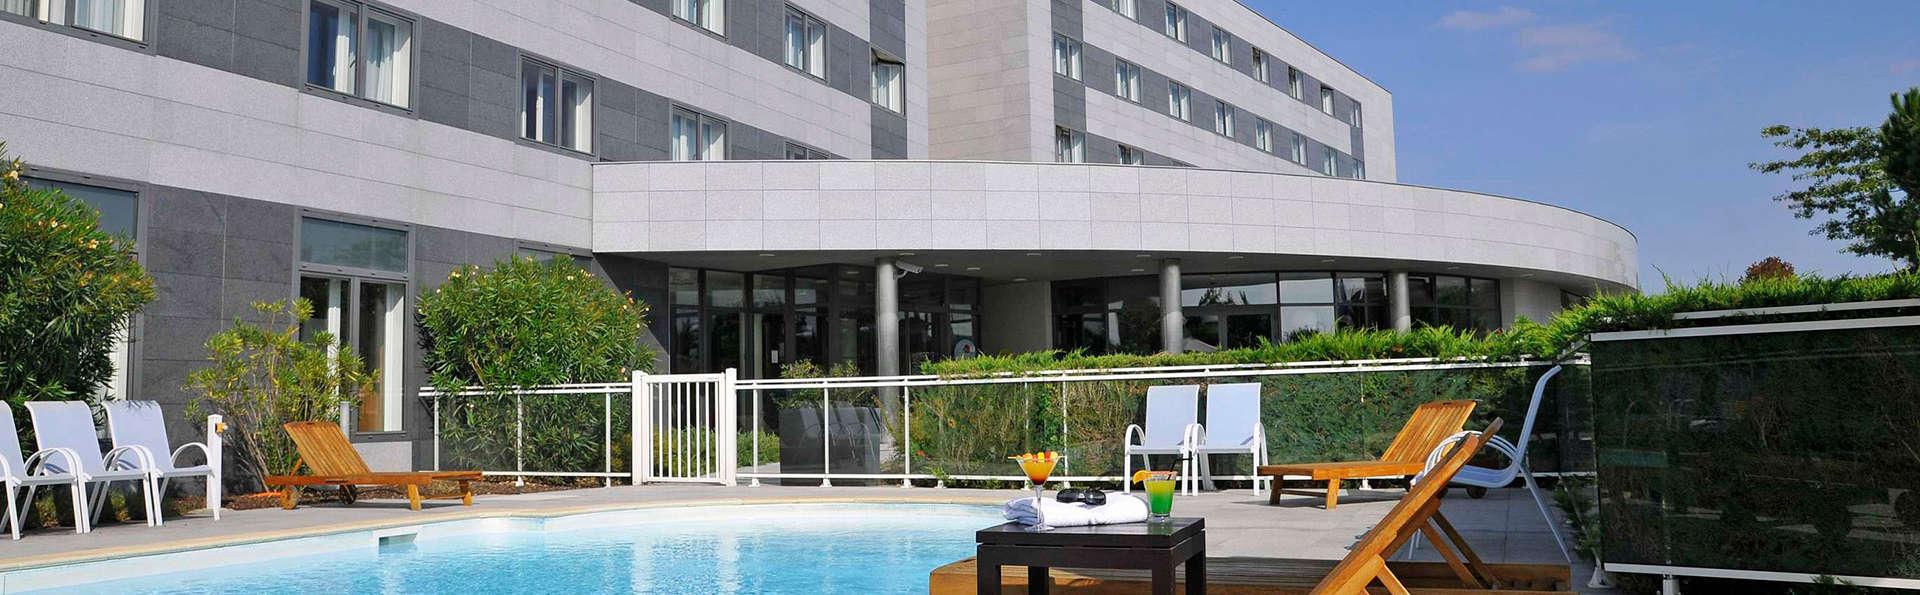 Quality Suites Bordeaux Aéroport & Spa - EDIT_pool4.jpg